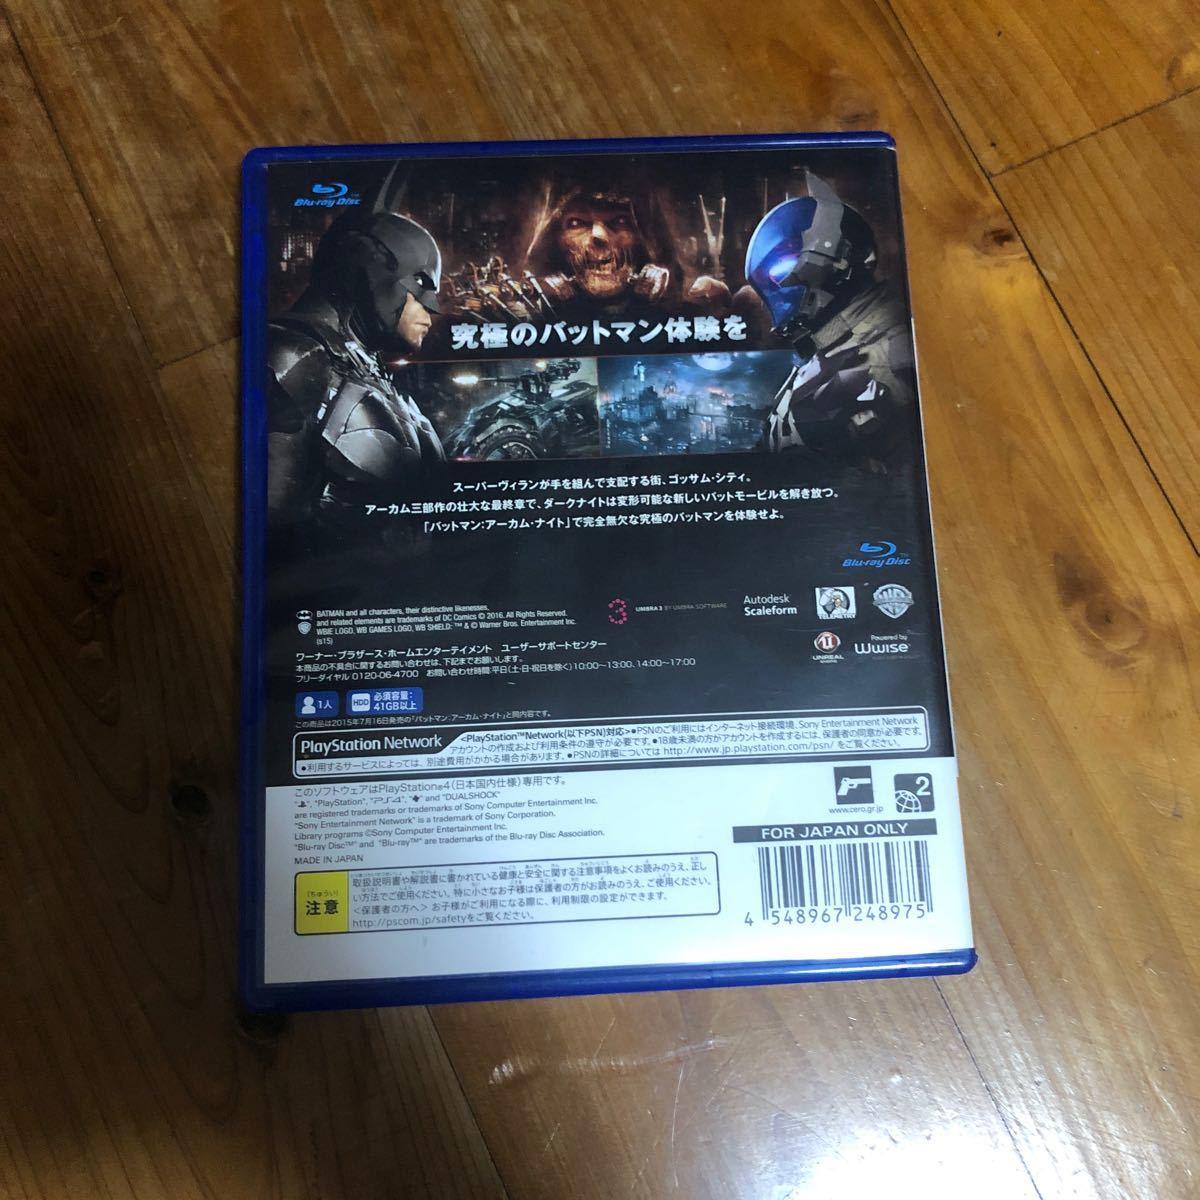 【PS4】 バットマン:アーカム・ナイト [スペシャルエディション]